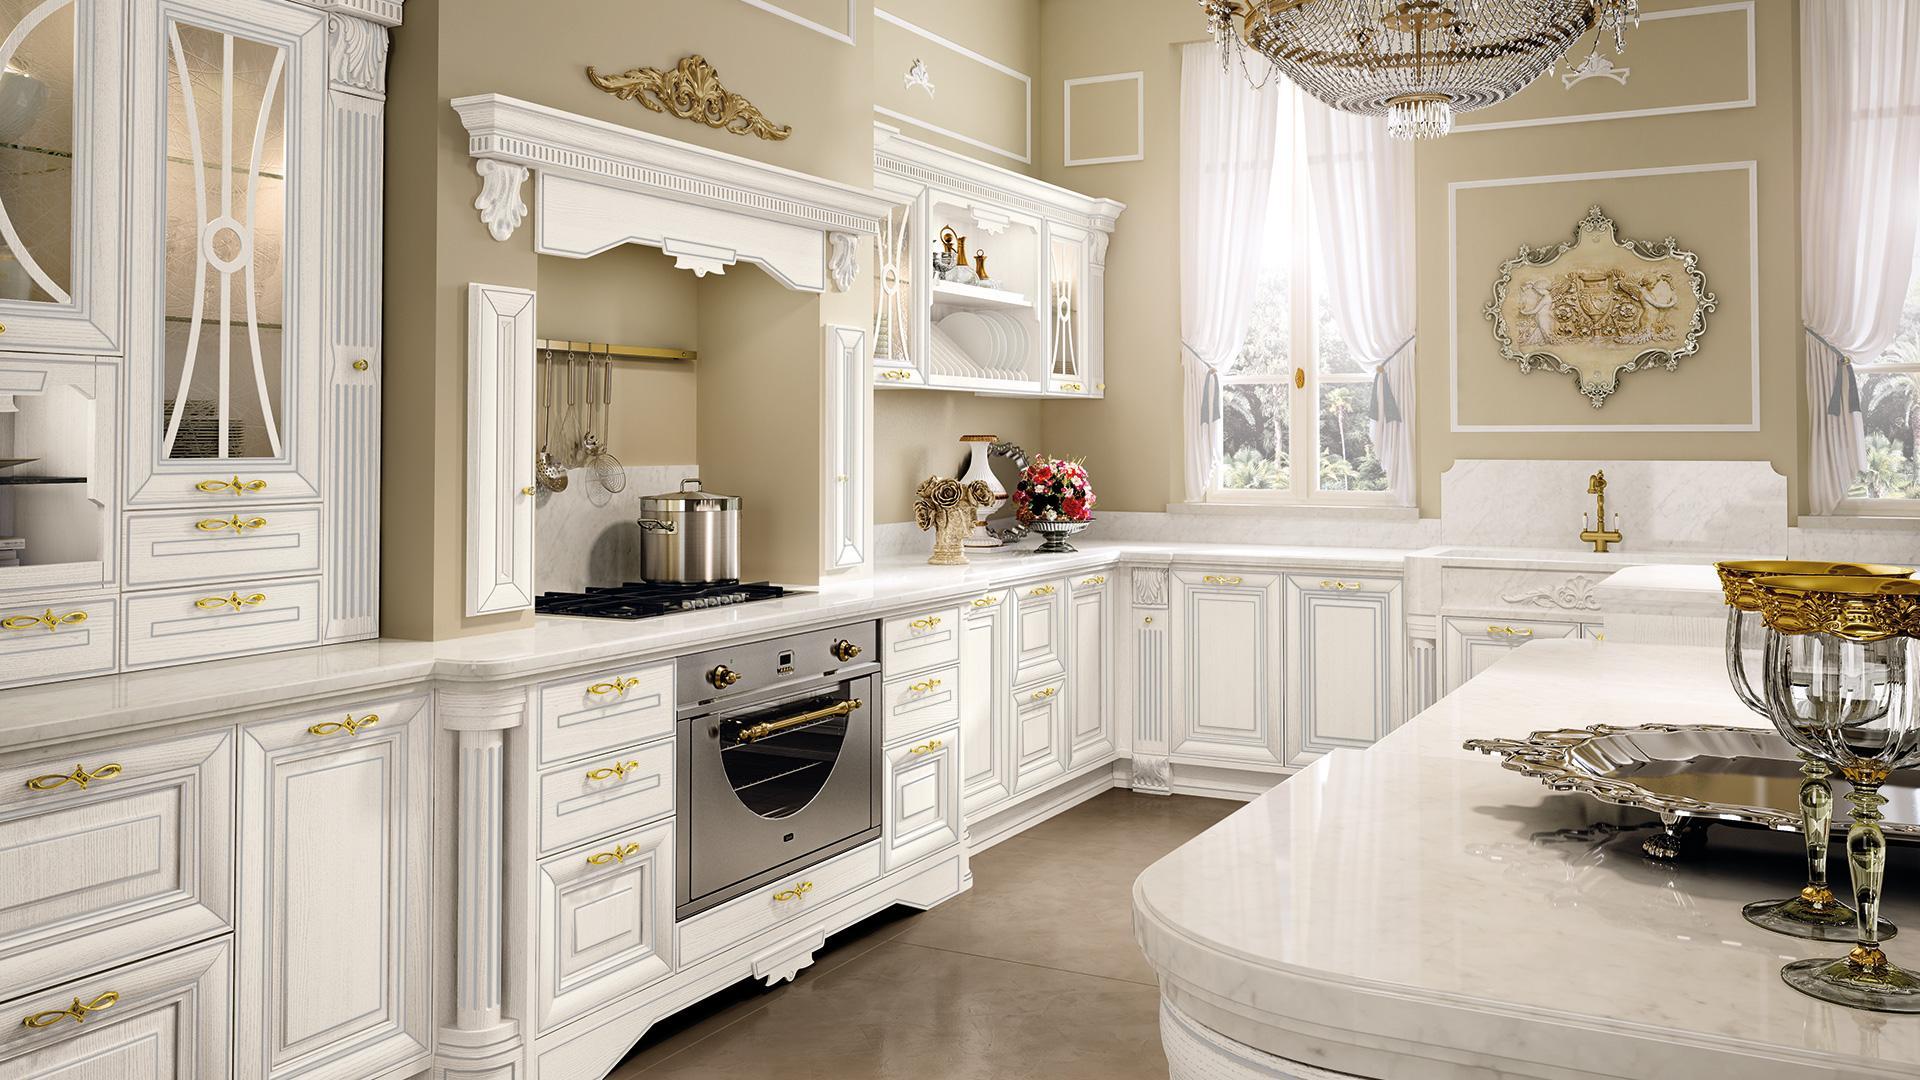 Cucine & design cucine lube